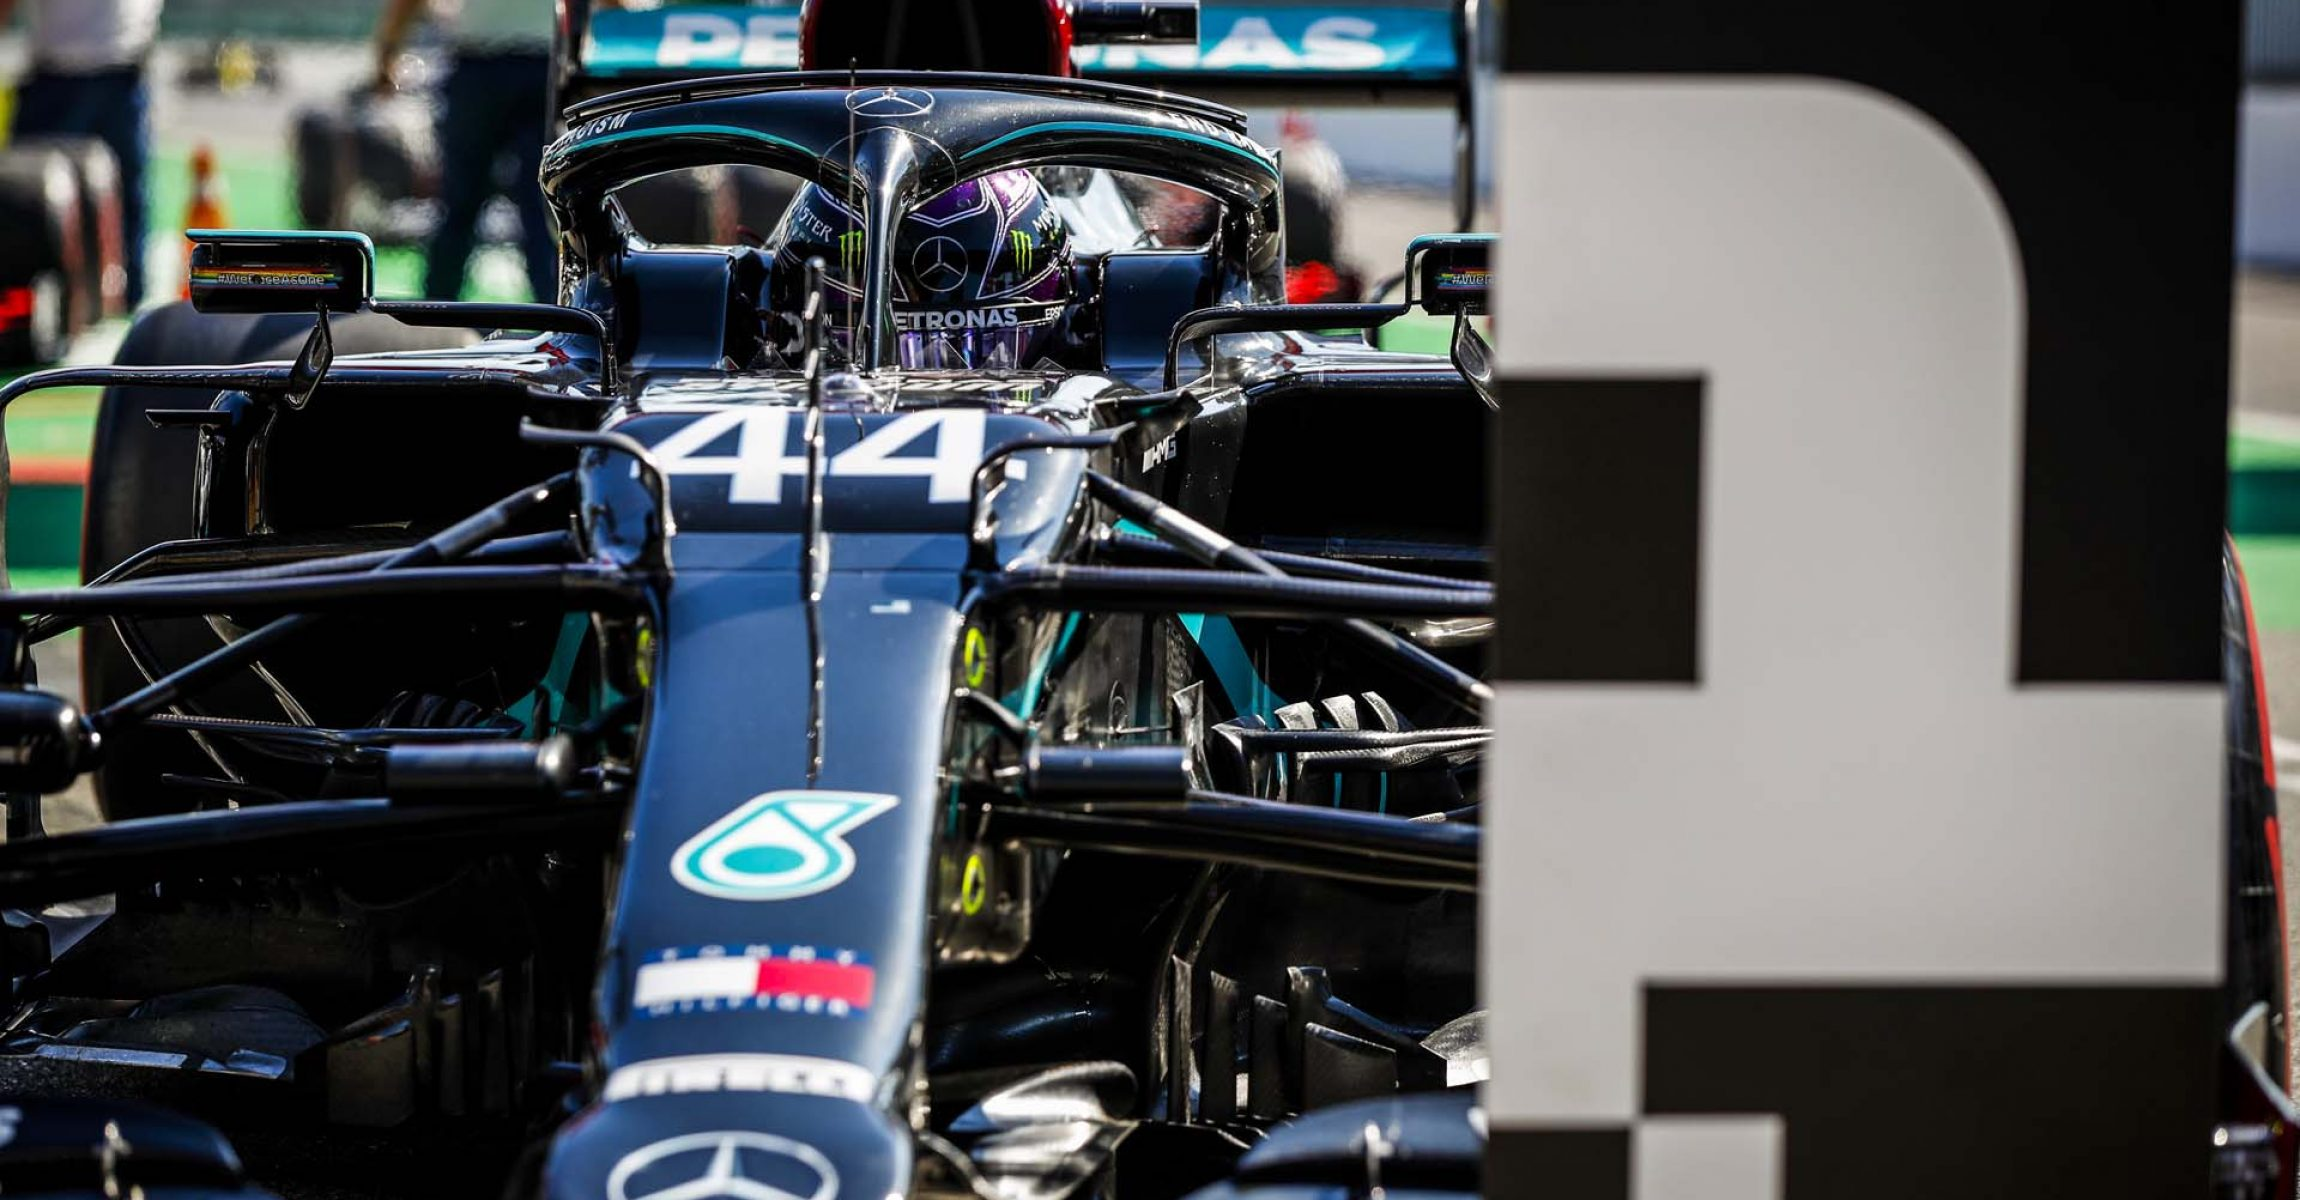 2020 Italian Grand Prix, Saturday - LAT Images Lewis Hamilton Mercedes